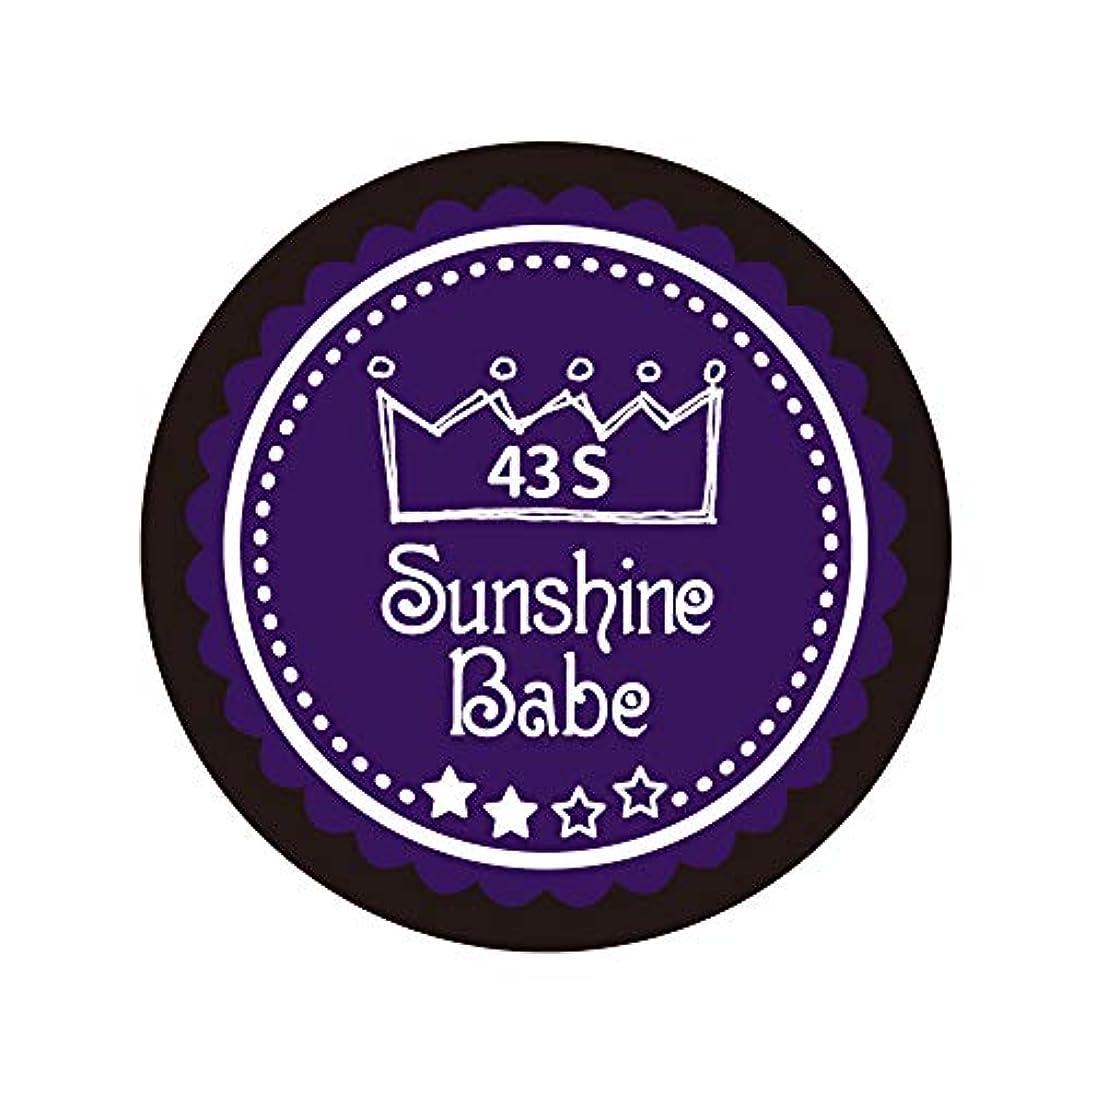 Sunshine Babe カラージェル 43S オータムウルトラバイオレット 2.7g UV/LED対応